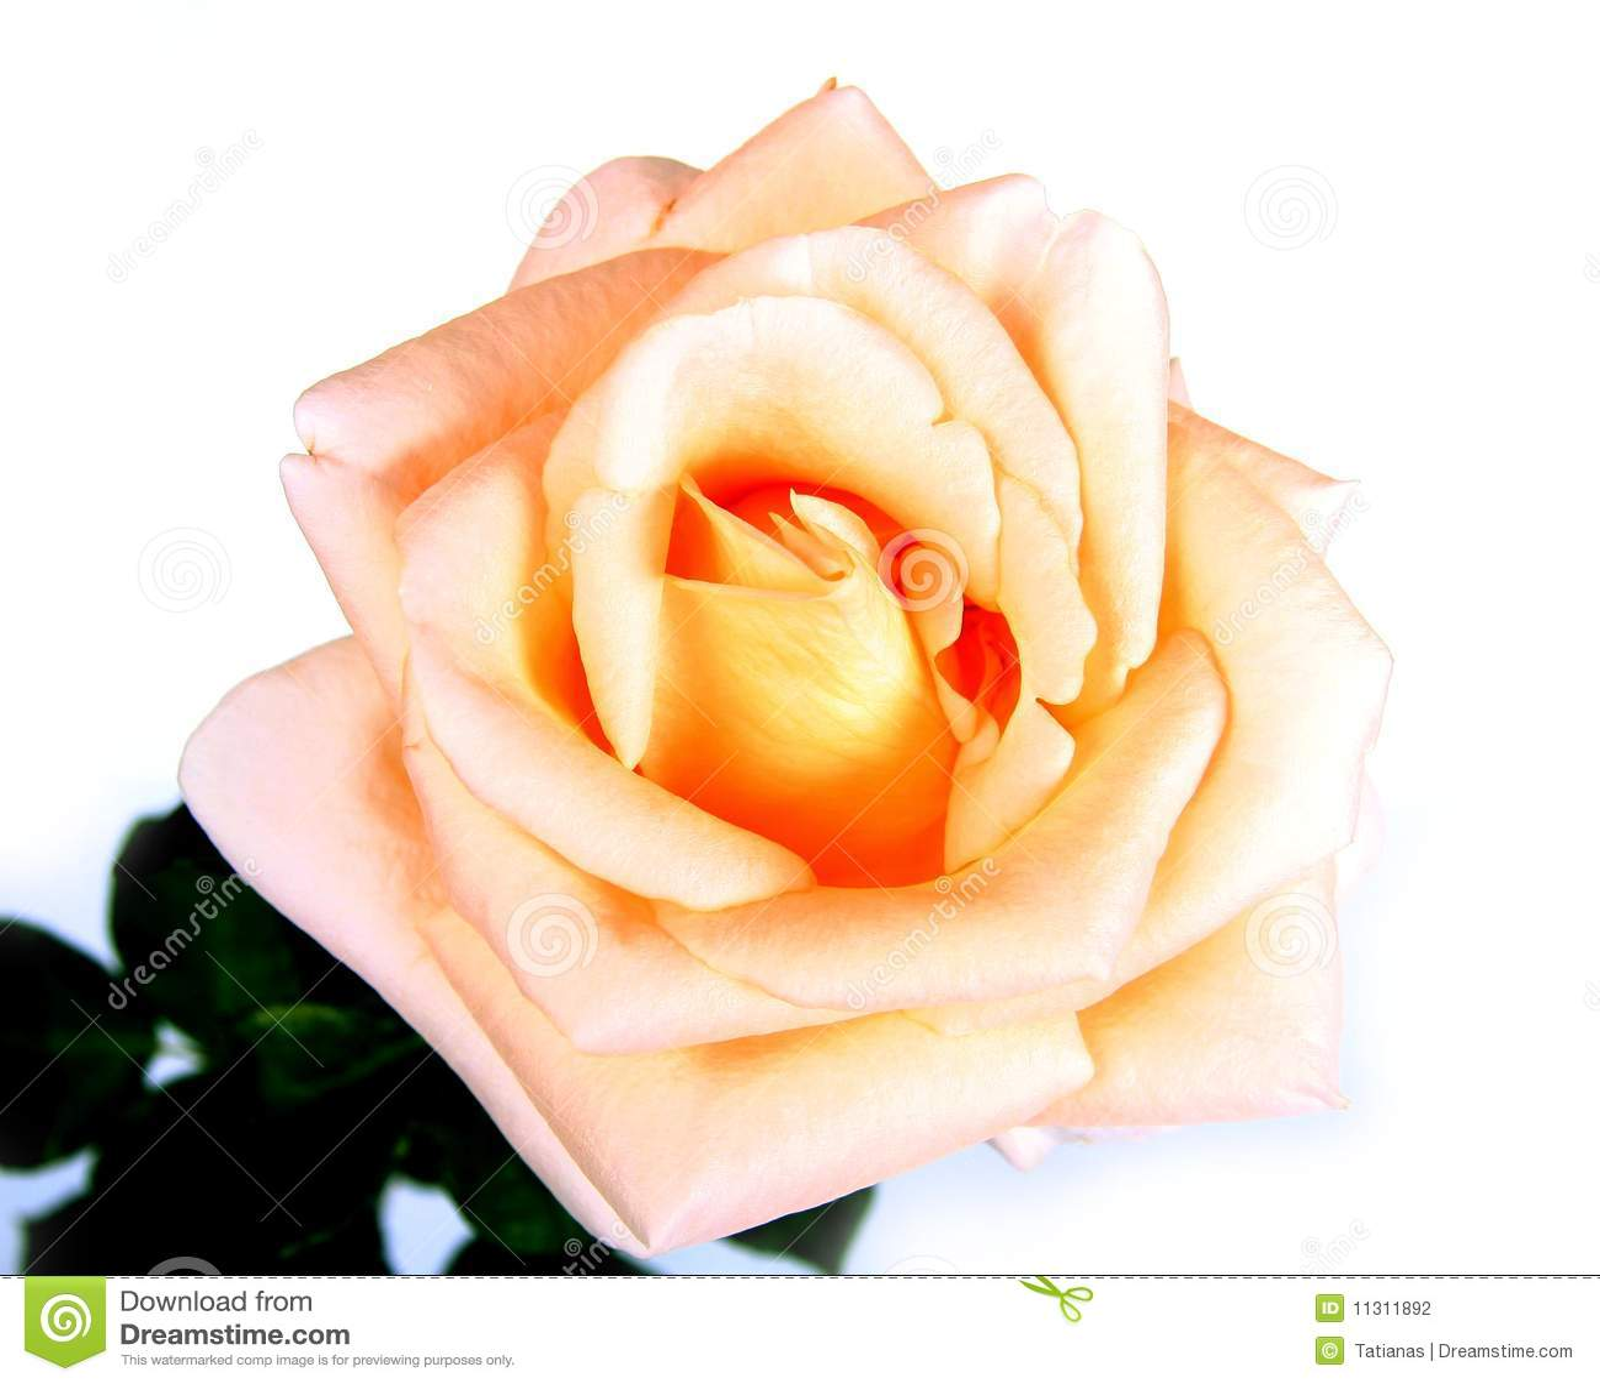 Rosa no branco.